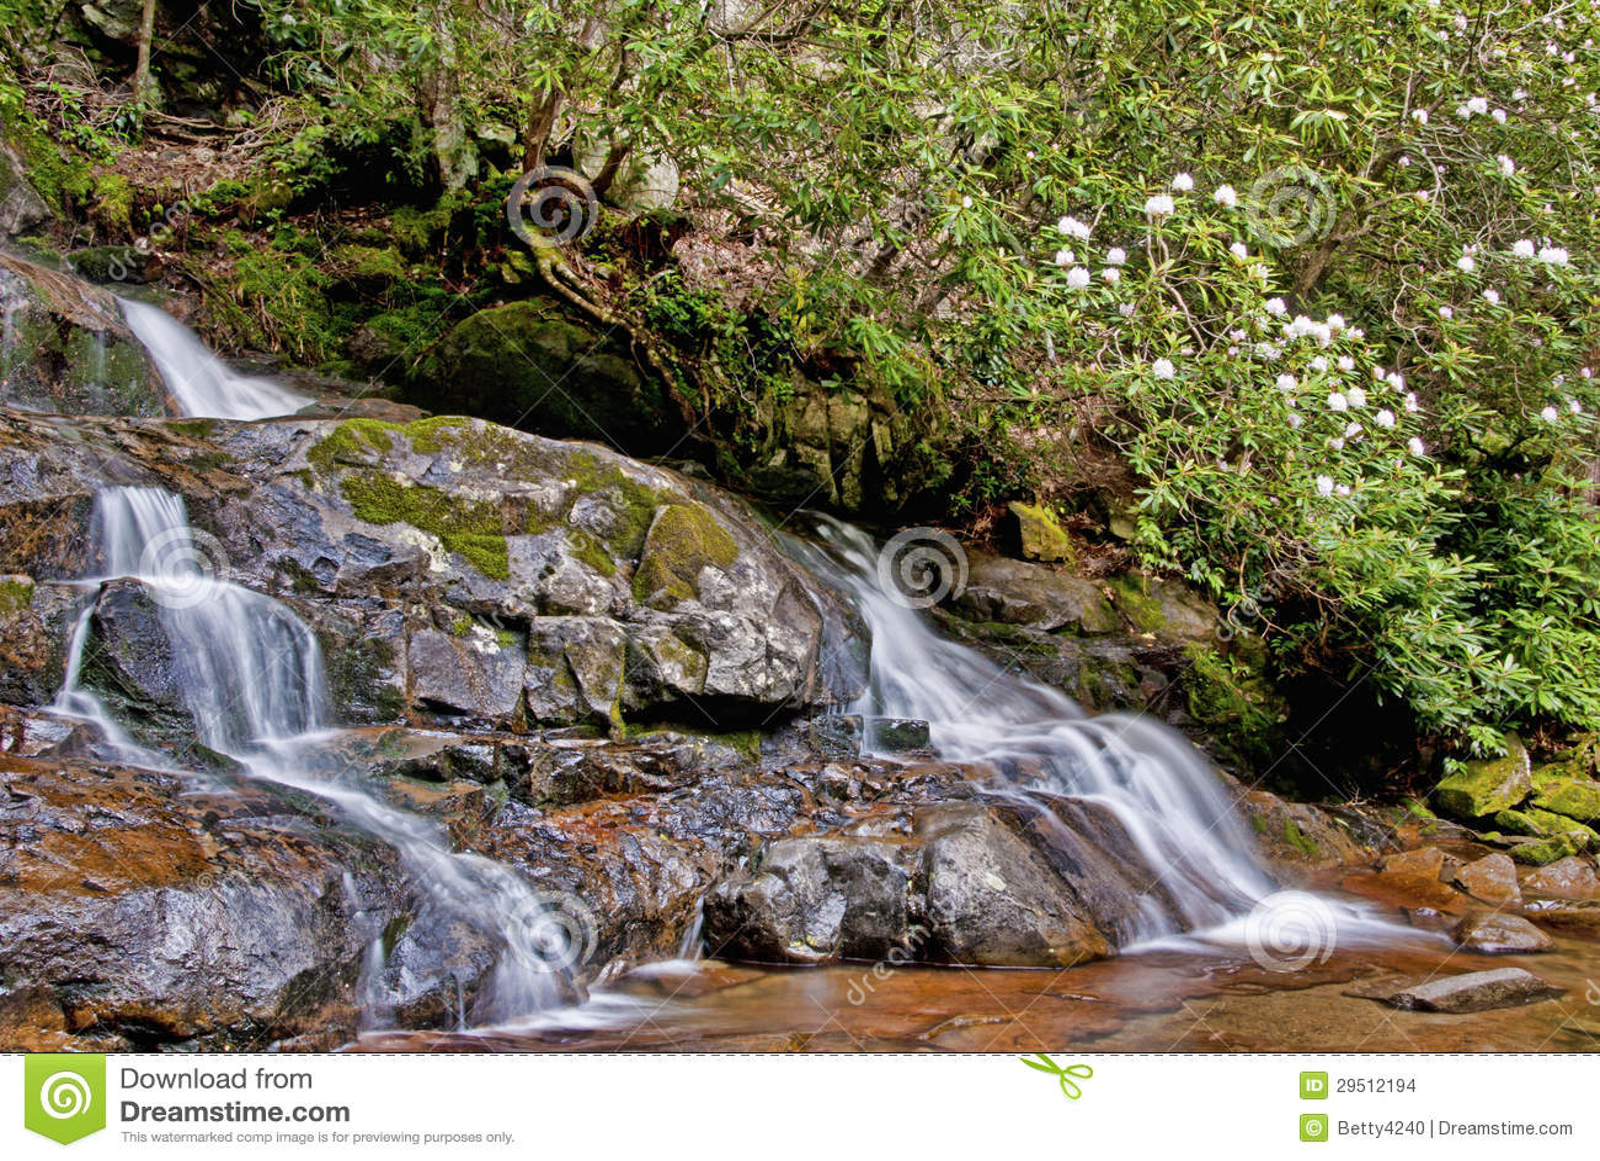 Een melkachtige waterval en een bloeiende rododendron.